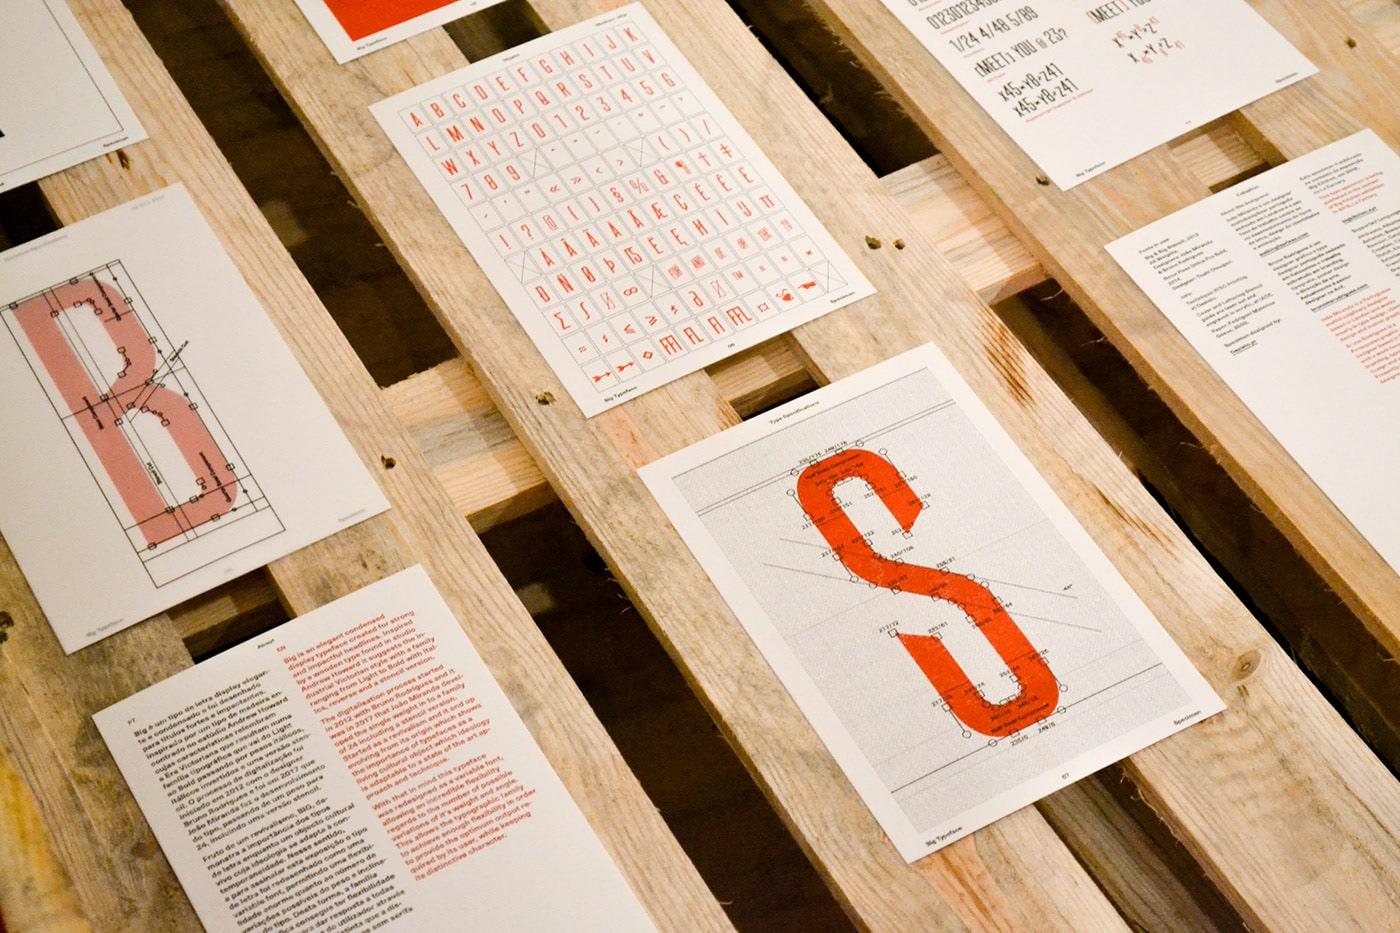 Exhibition report